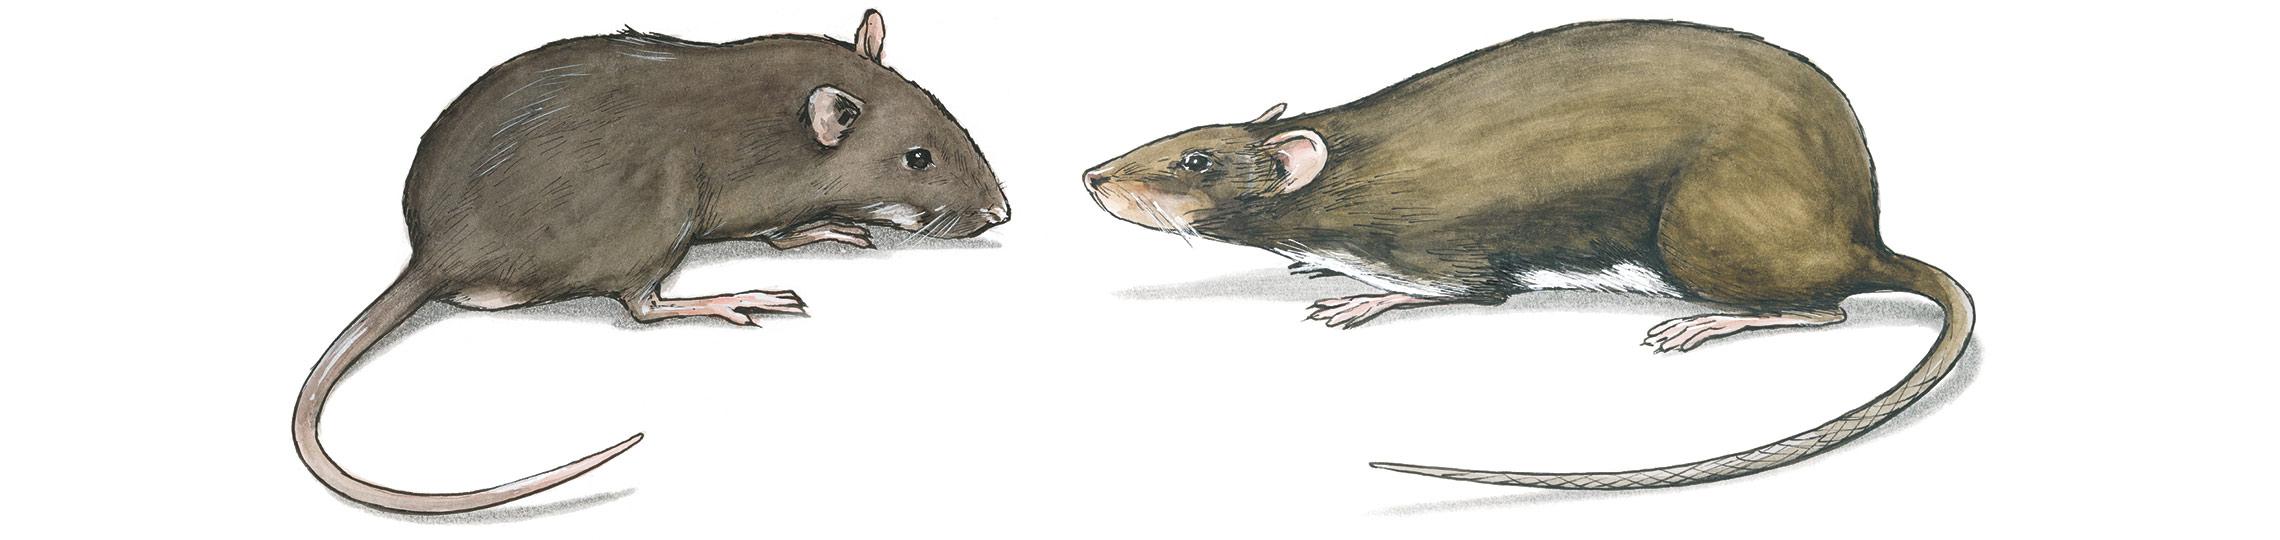 Länsförsäkringar råttor